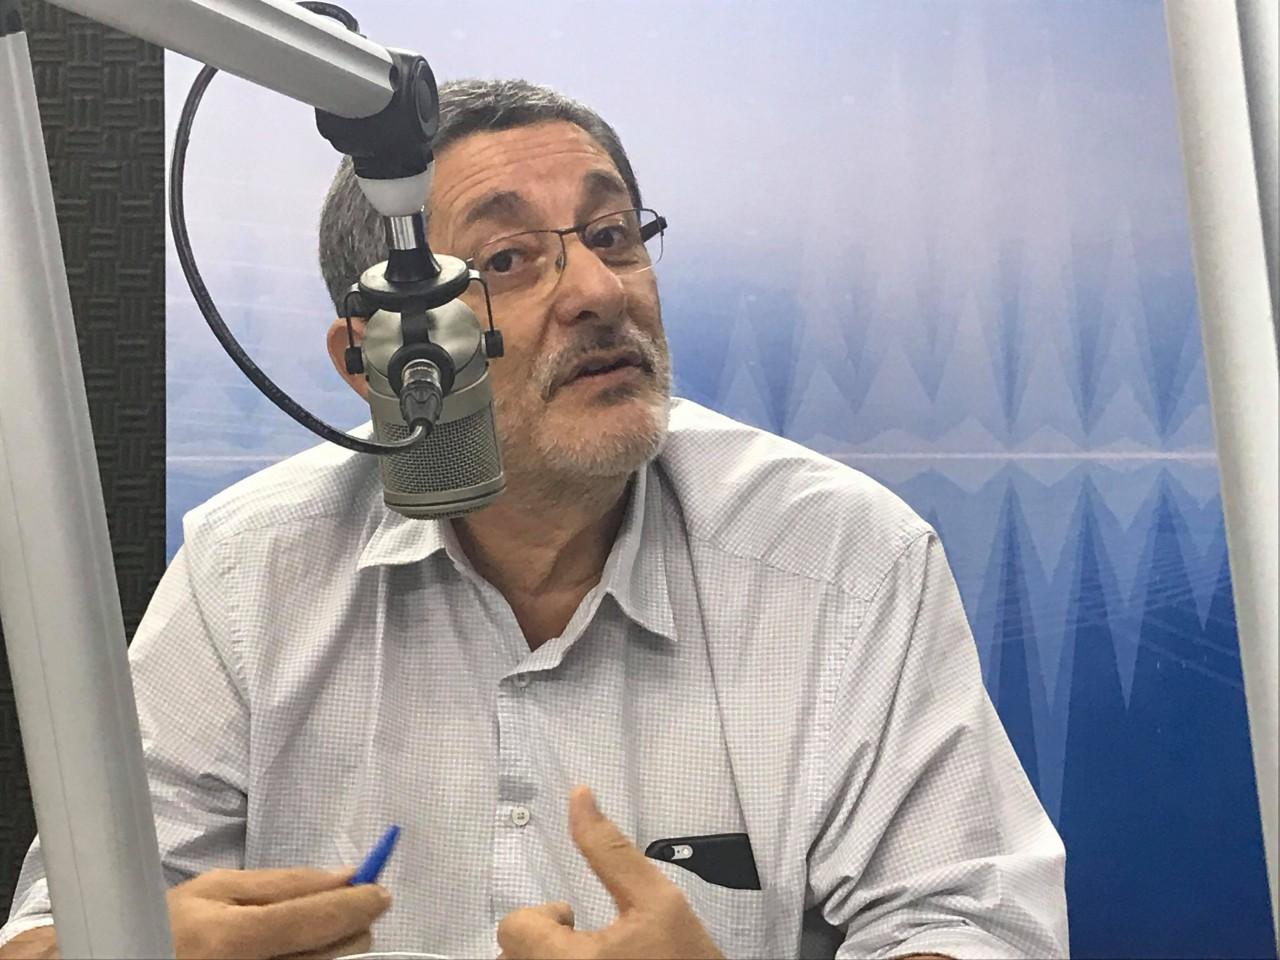 37835237 1924135490975941 8524680140259590144 n - NA PARAÍBA: Representante da campanha de Lula confirma reunião com Ricardo Coutinho e anuncia: 'Queremos casar agora!' - VEJA VÍDEOS